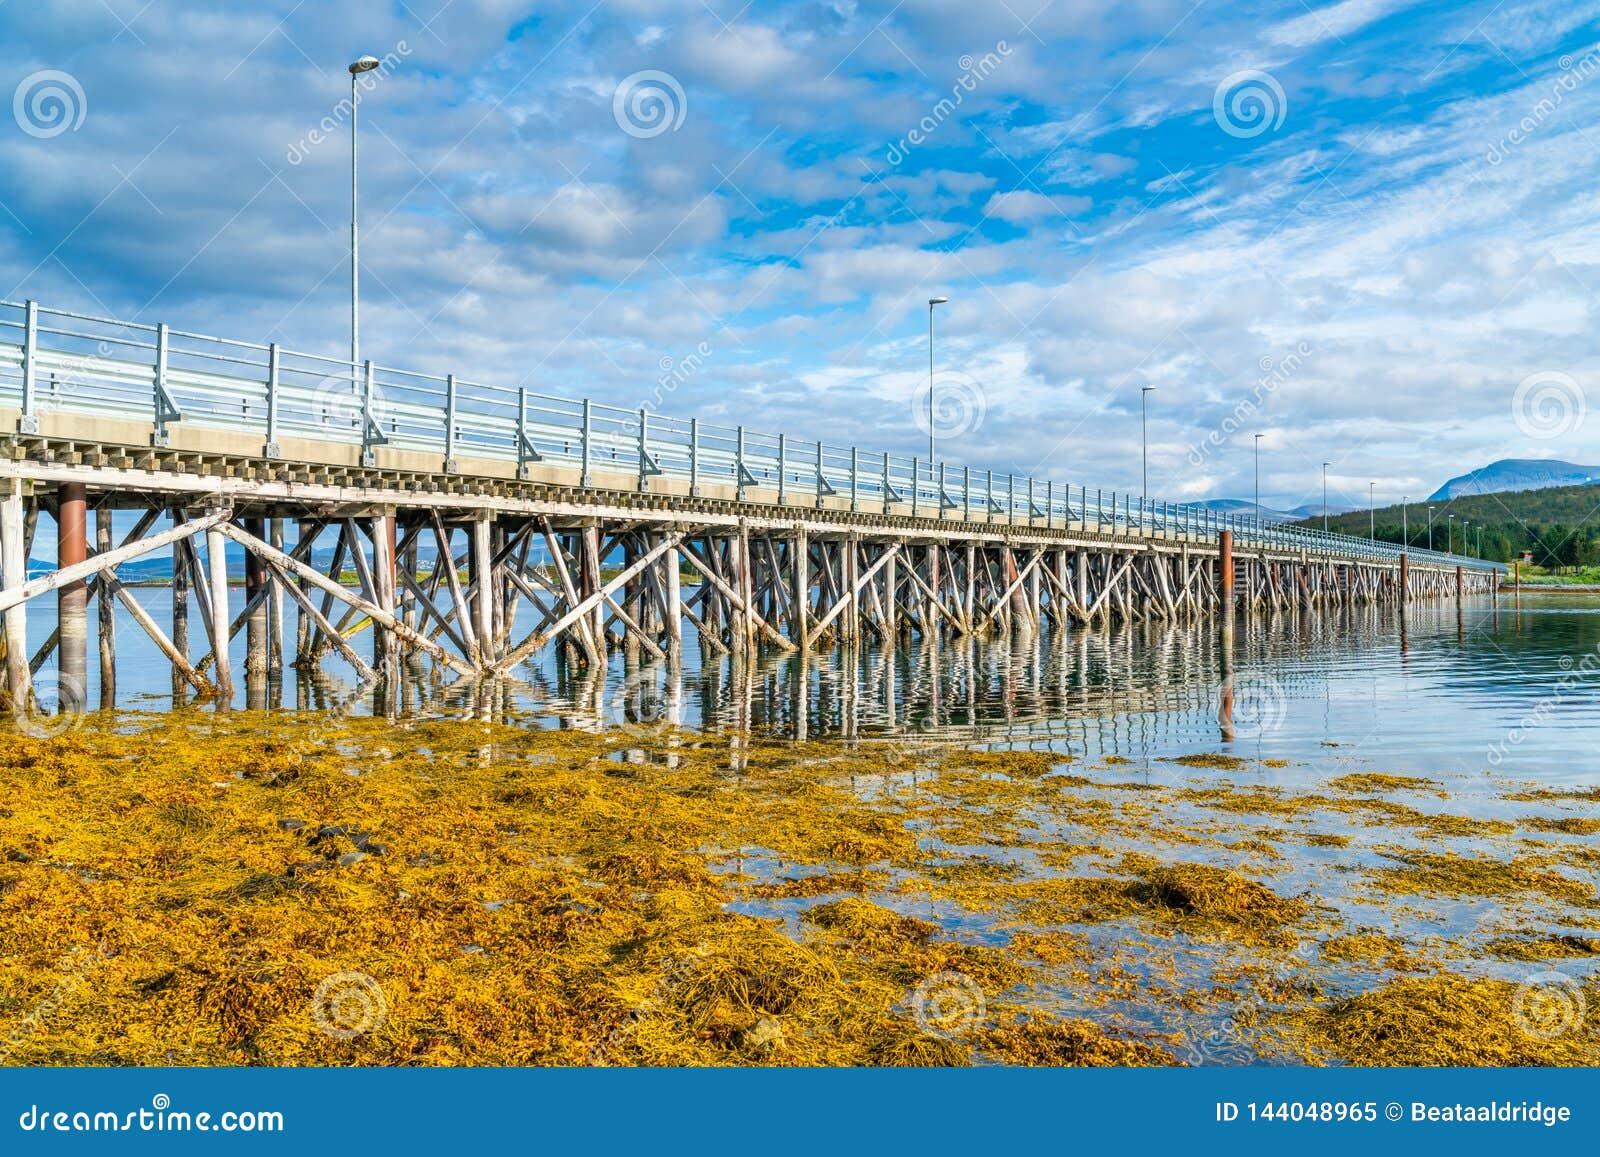 Γέφυρα Hakoybrua που συνδέει τα νησιά Hakoya και Kvaloya, Νορβηγία